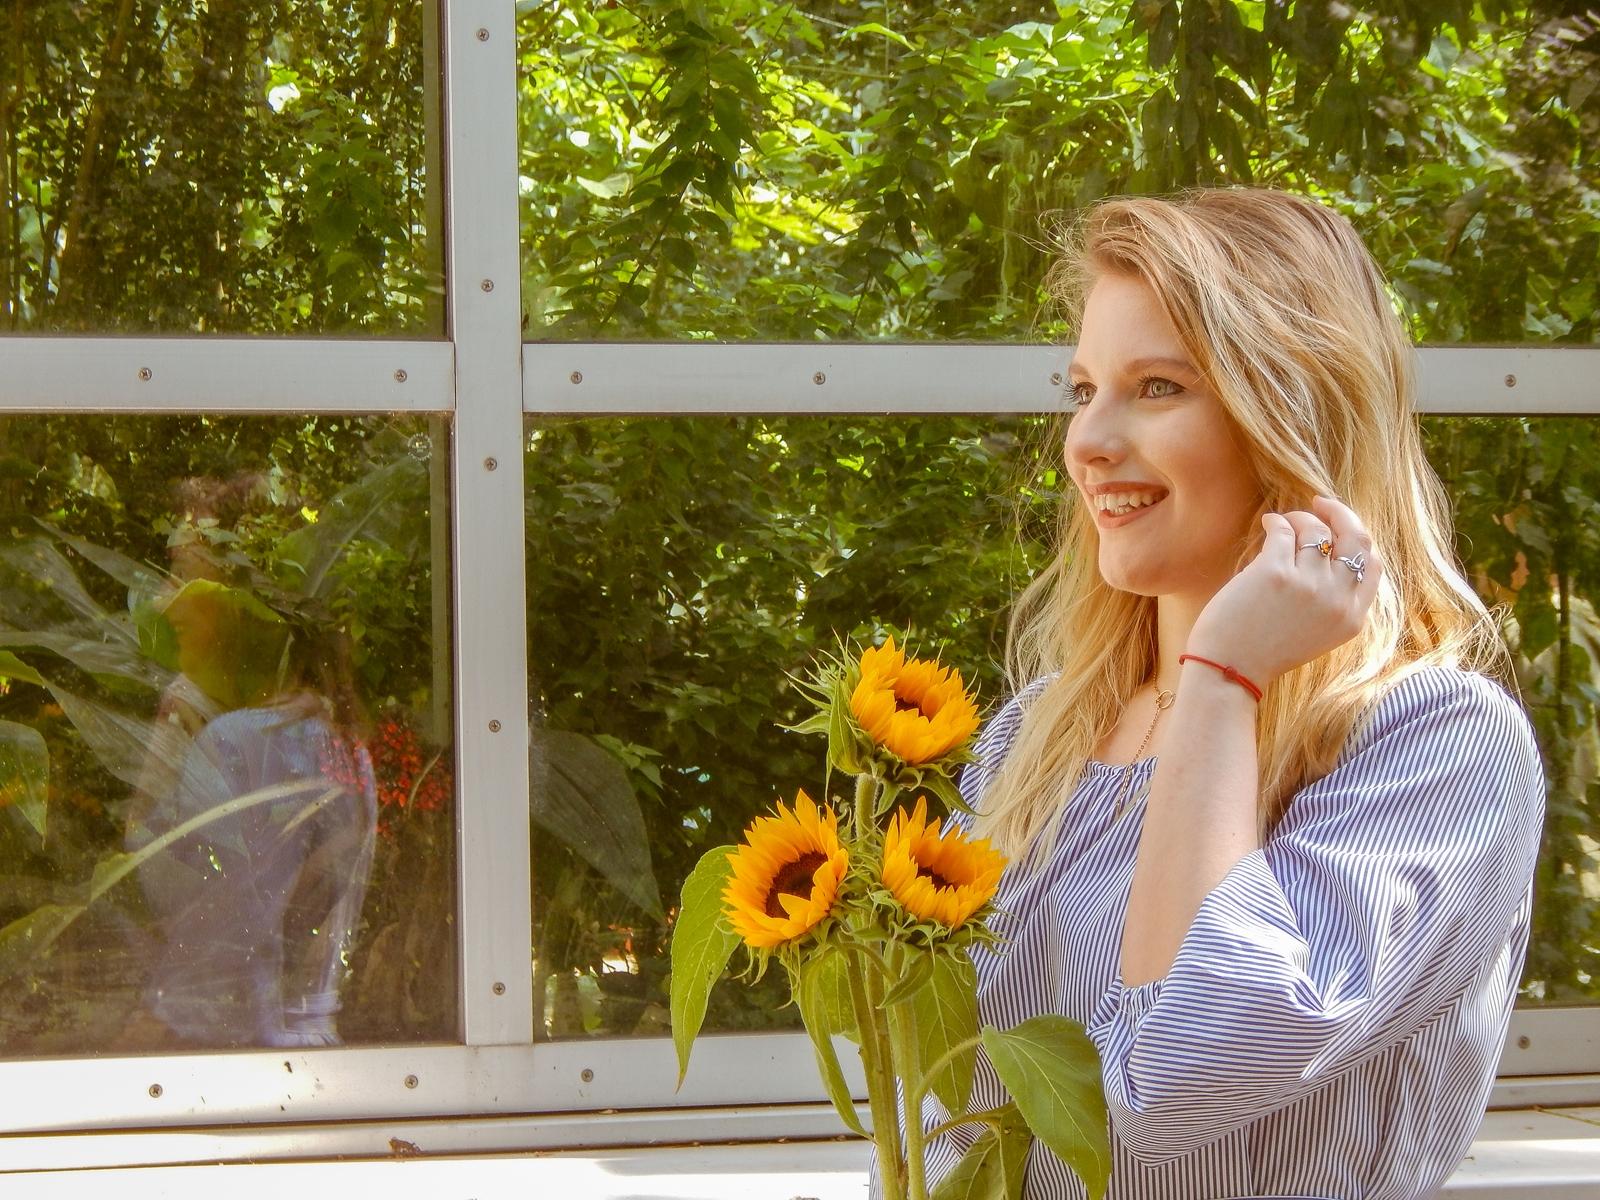 1 stylizacja polskie modowe blogi blogerki z łodzi fashion influencer sukienka w pionowe paski wakacyjna sesja foto melodylaniella słoneczniki szara sukienka w paski opinie o zaful